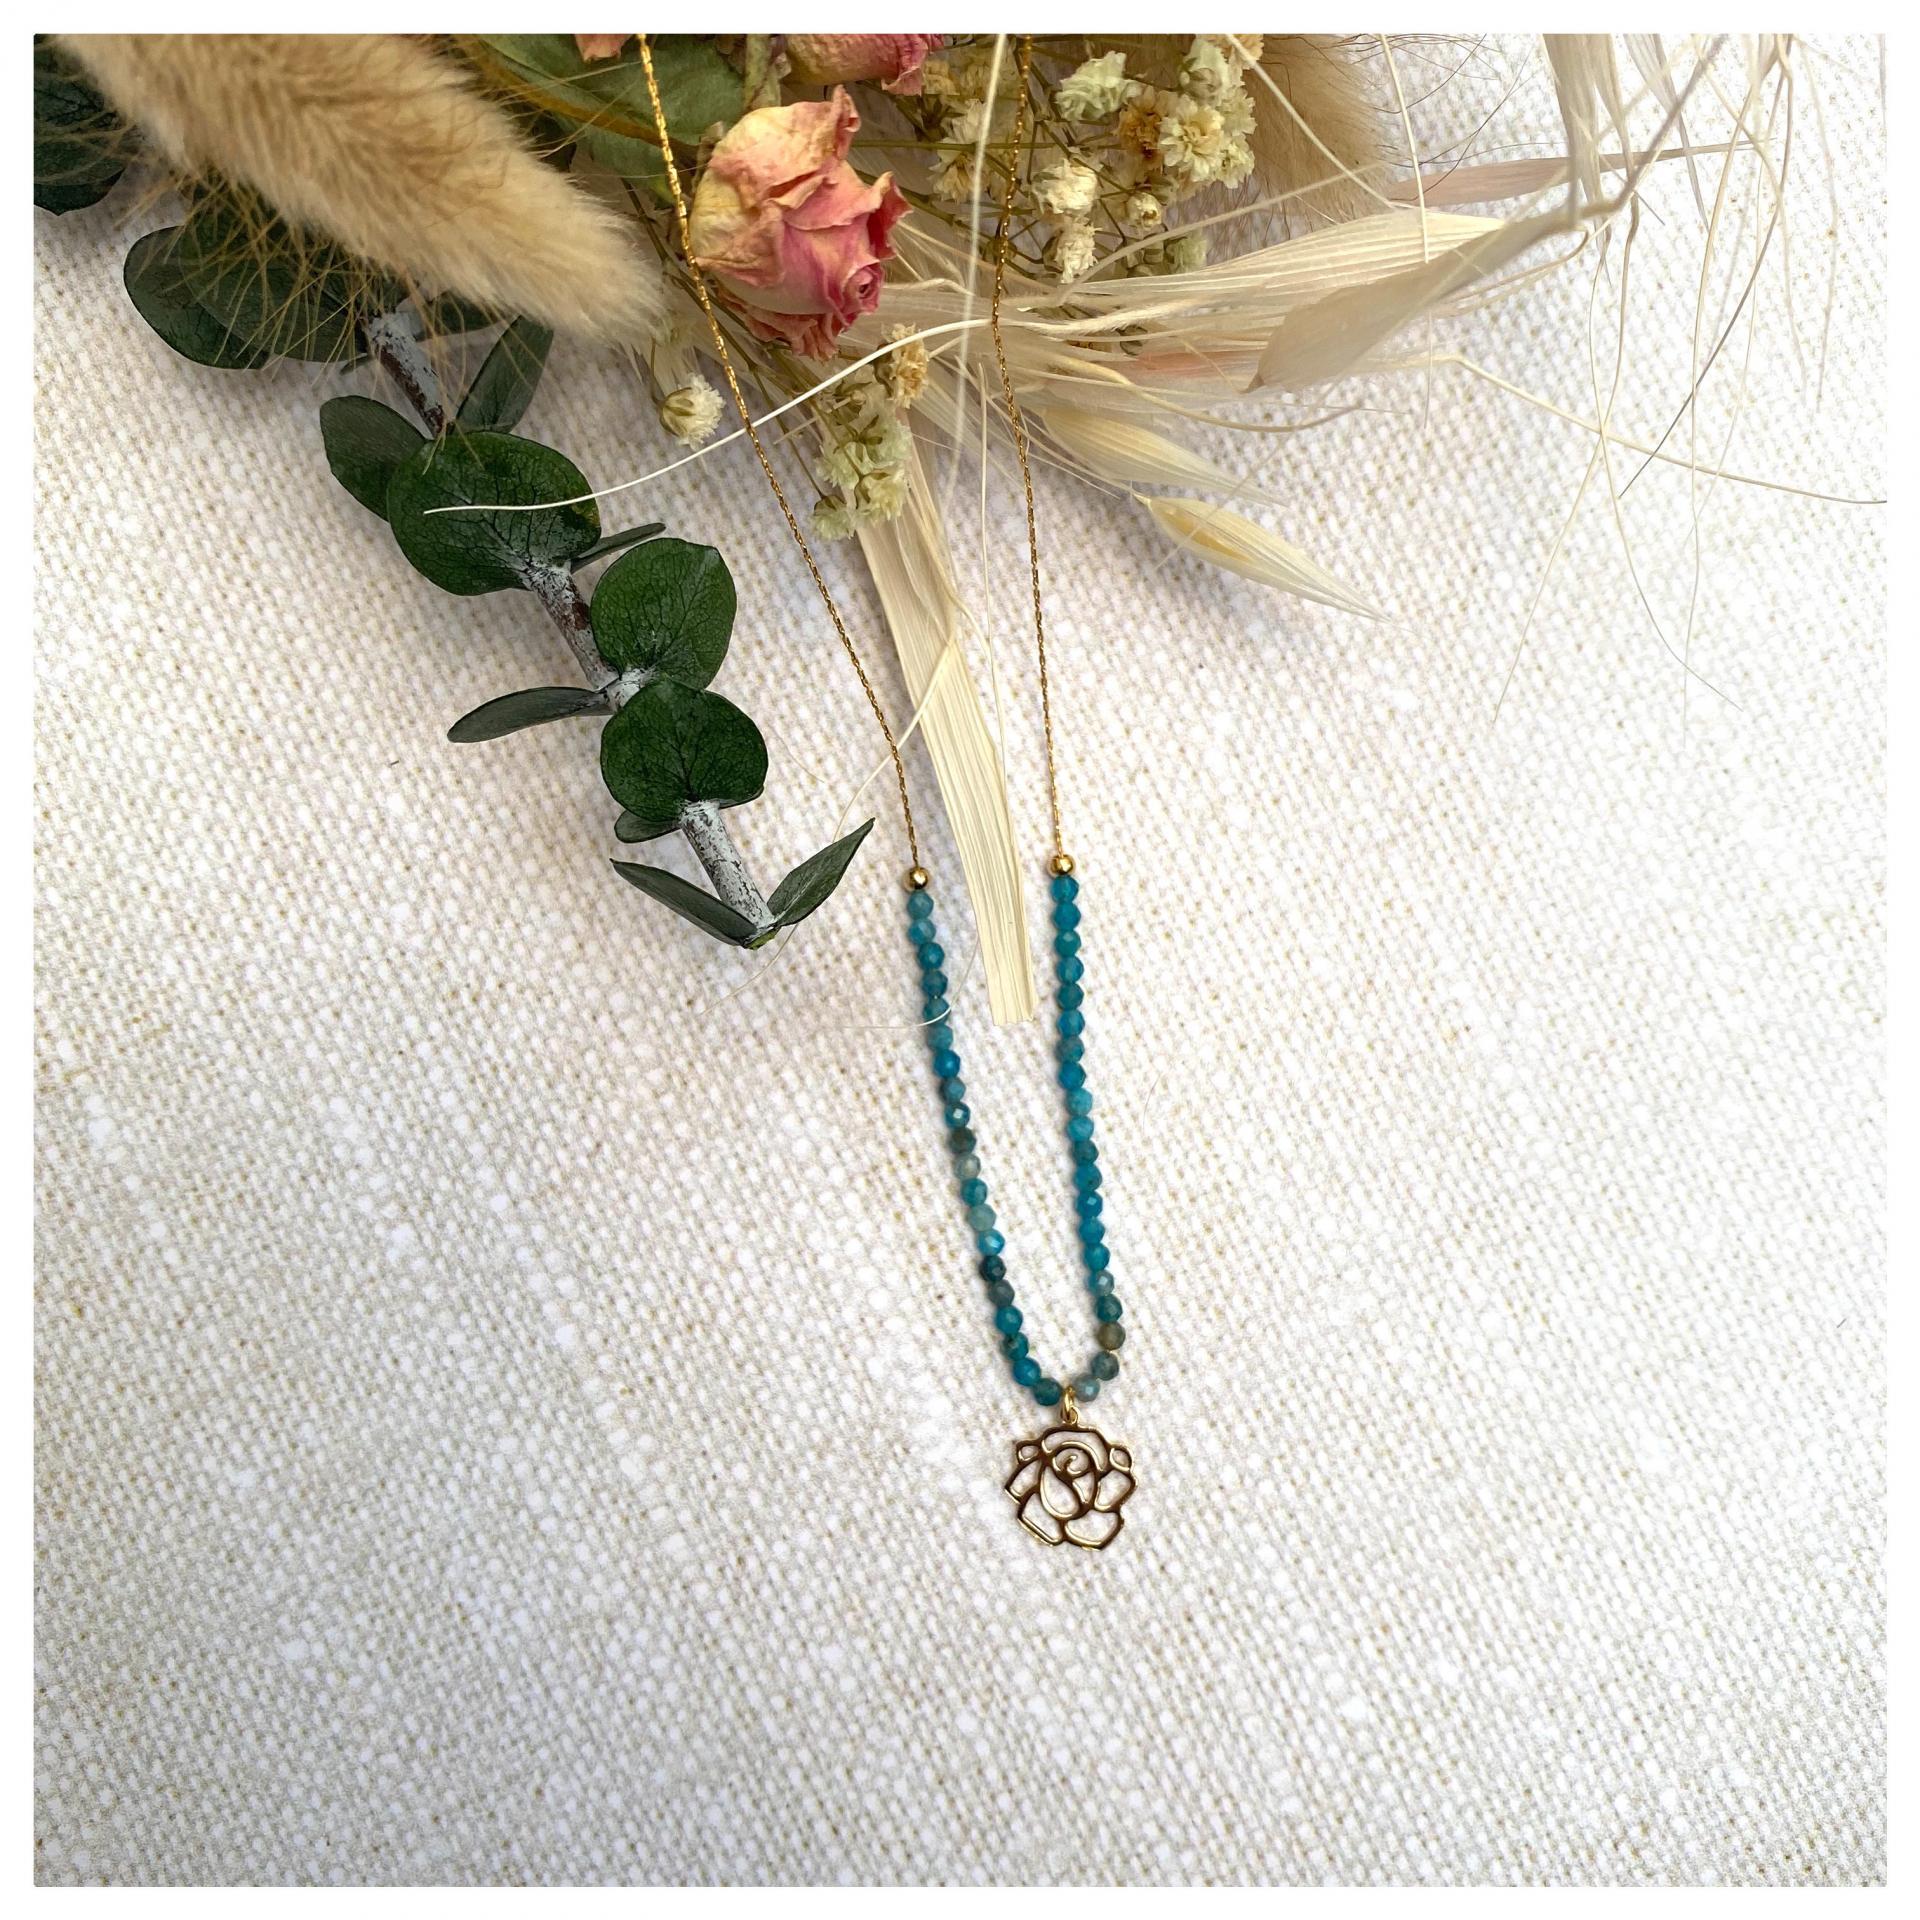 Collier ras-le-cou perles naturelles et pendentif fleur